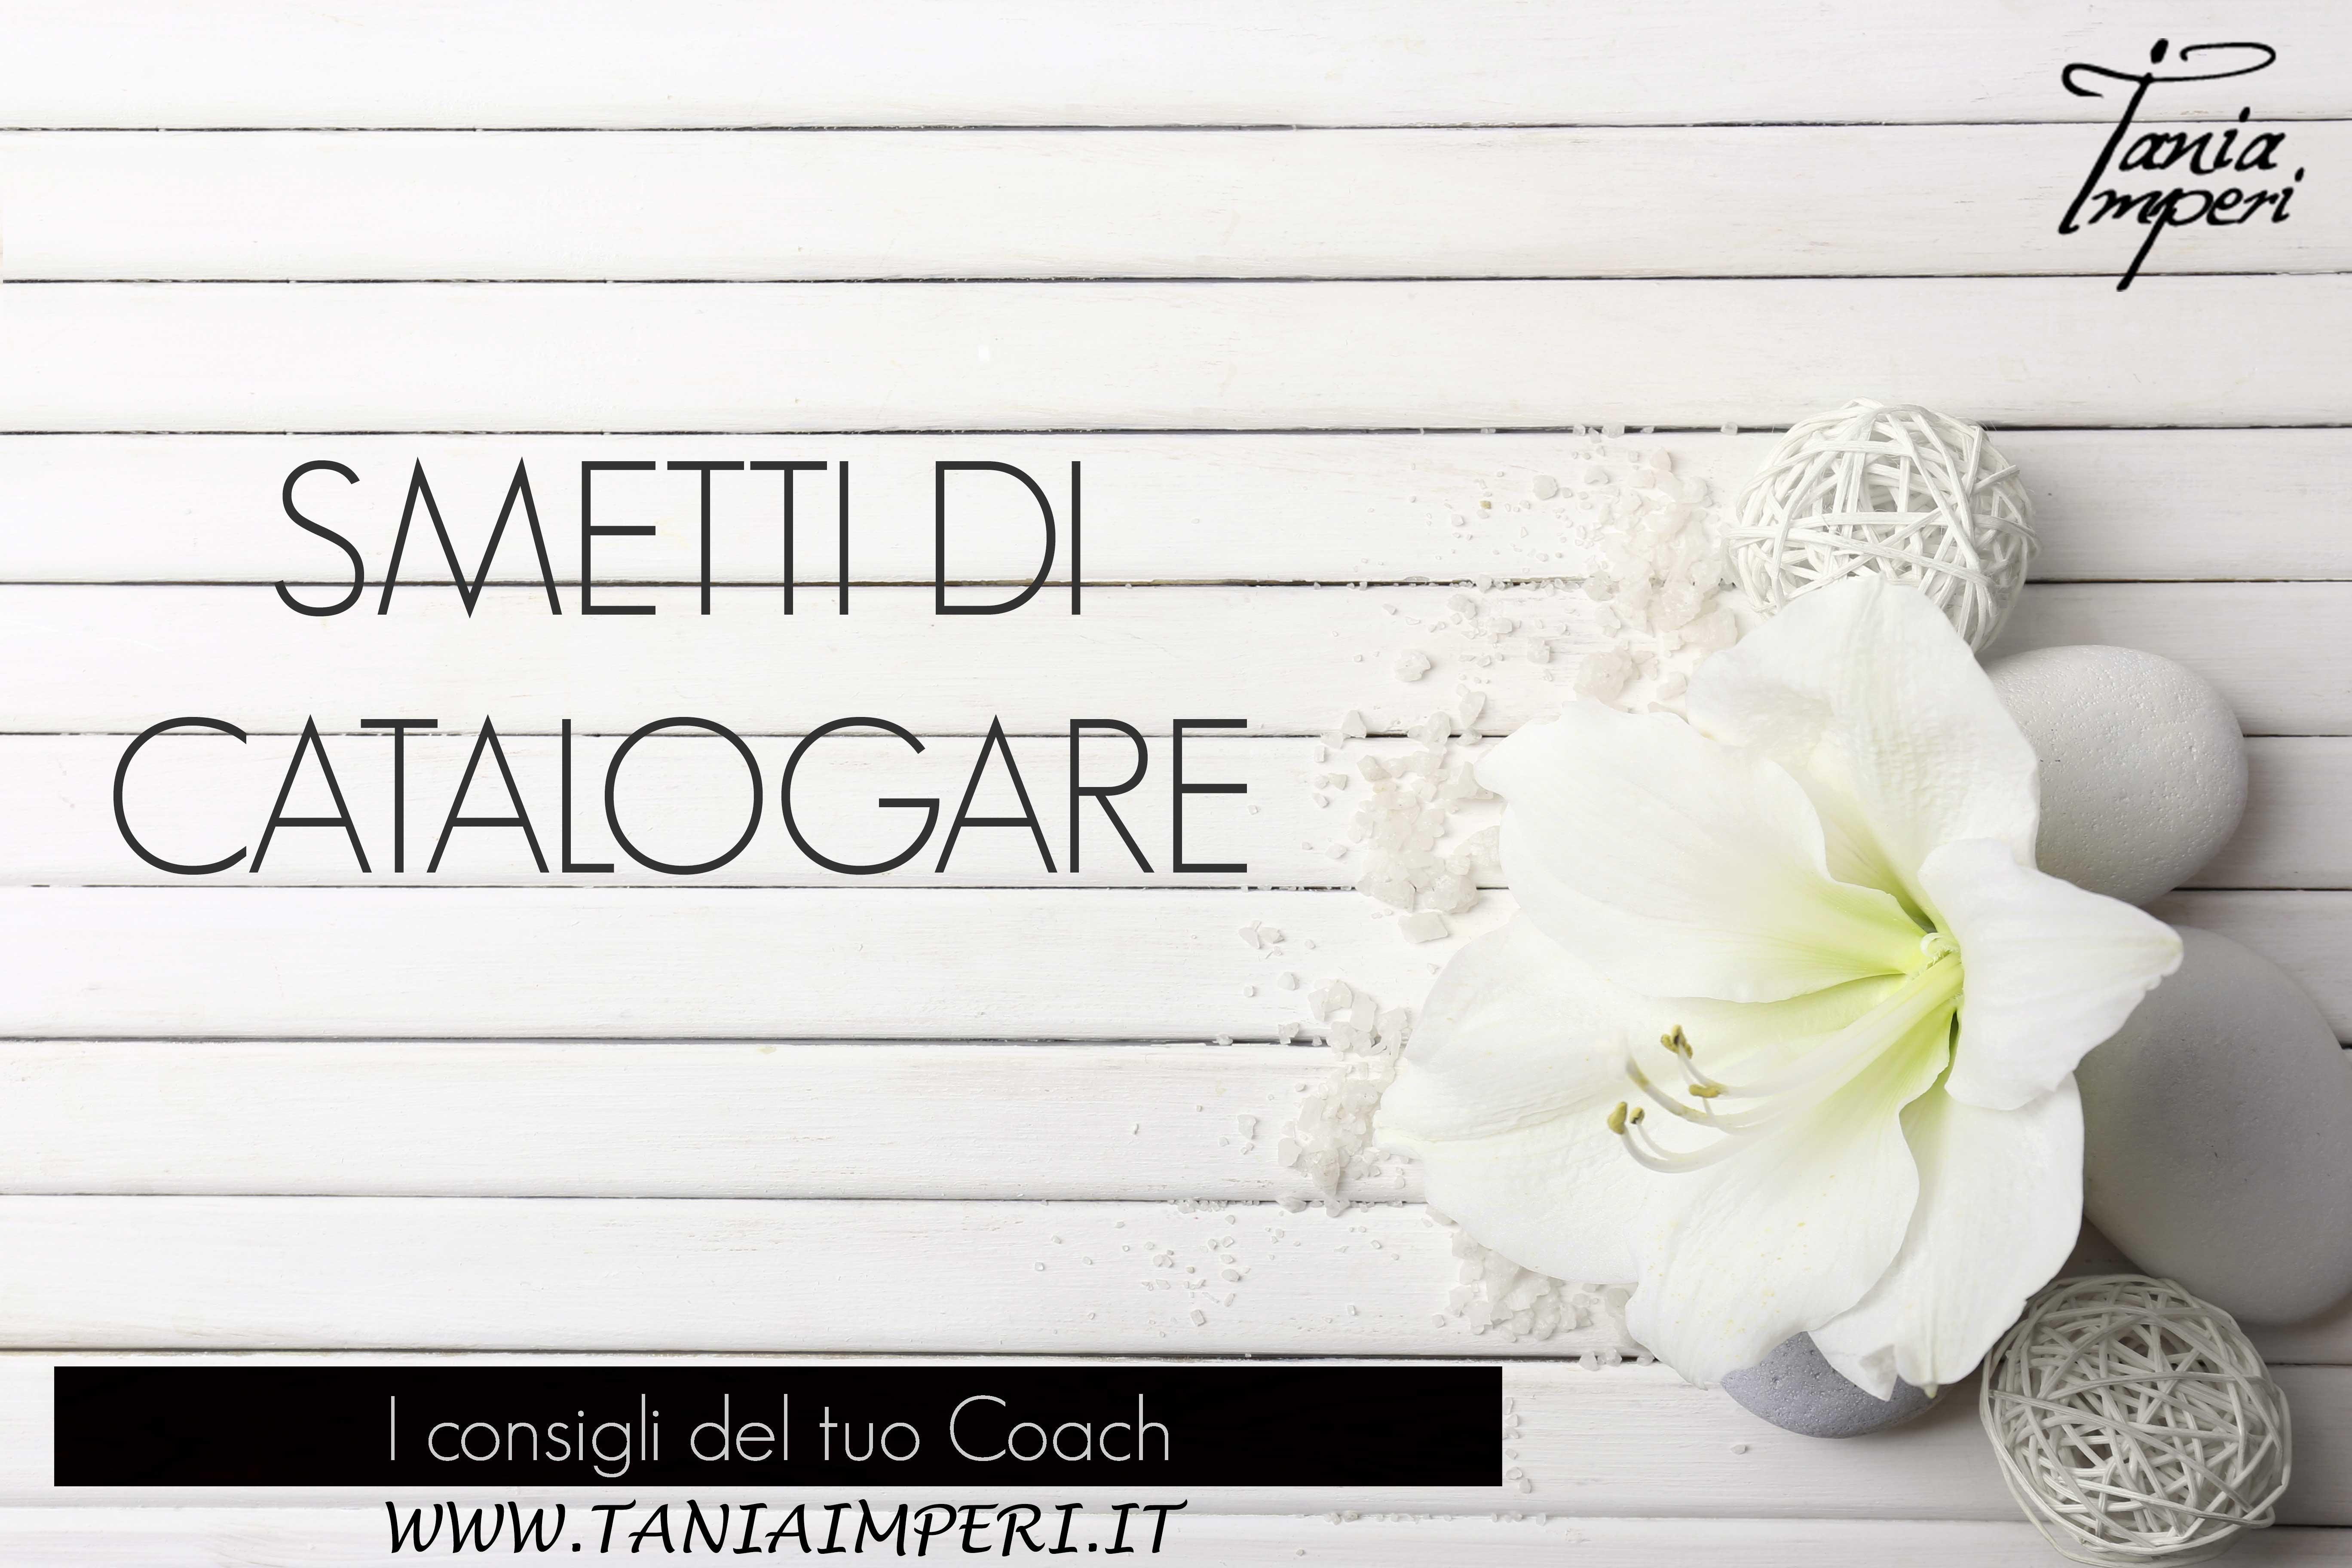 I-CONSIGLI-DEL-TUO-COACH-SMETTI-DI-CATALOGARE-05FEB16